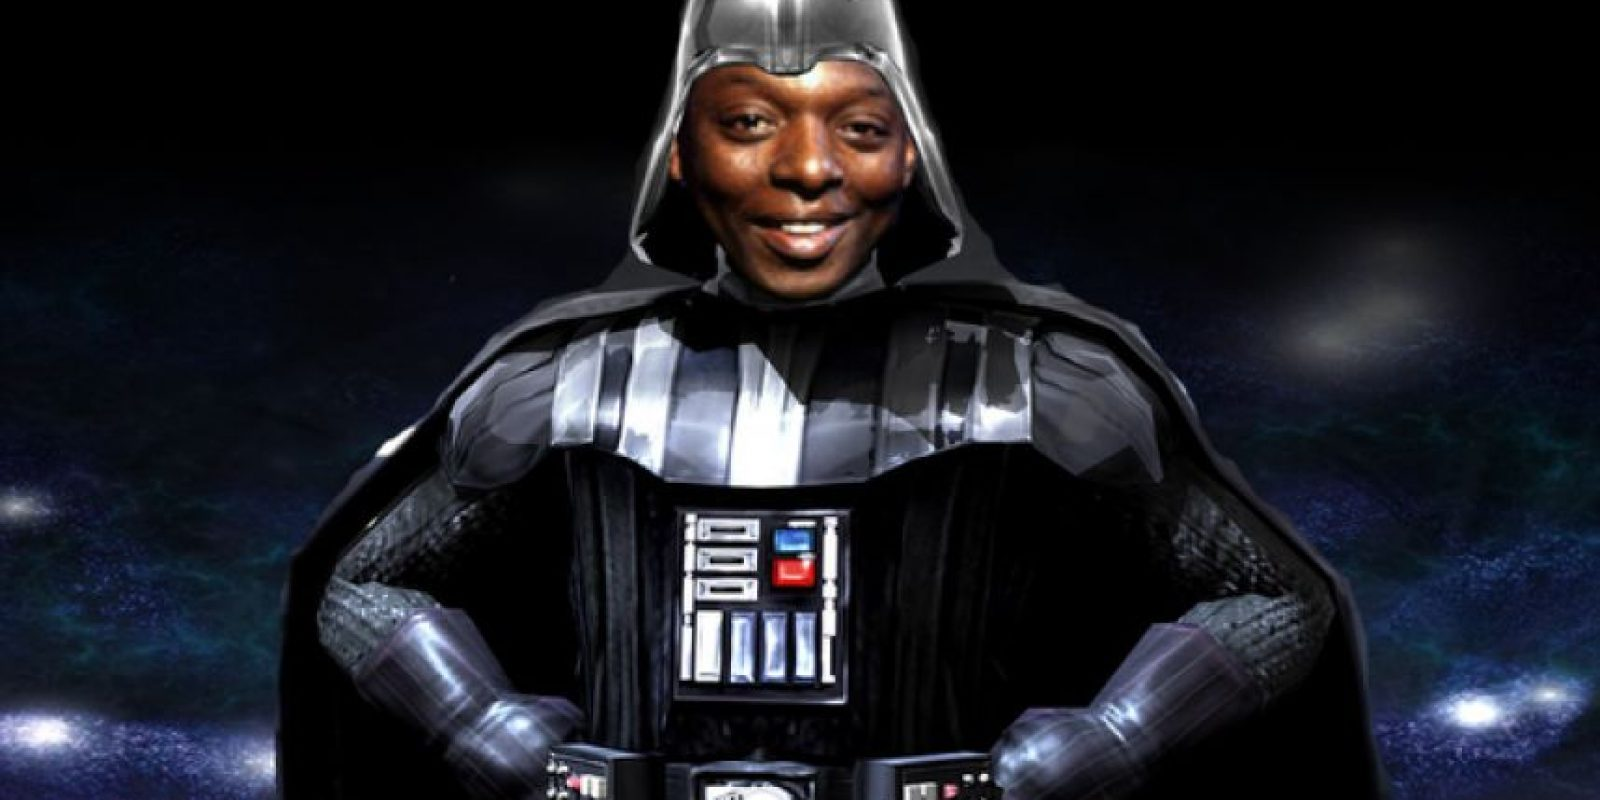 Garth Crooks, comentarista de la BBC, toma el papel de Darth Vader en la delantera. Foto:Tomada de mirror.co.uk